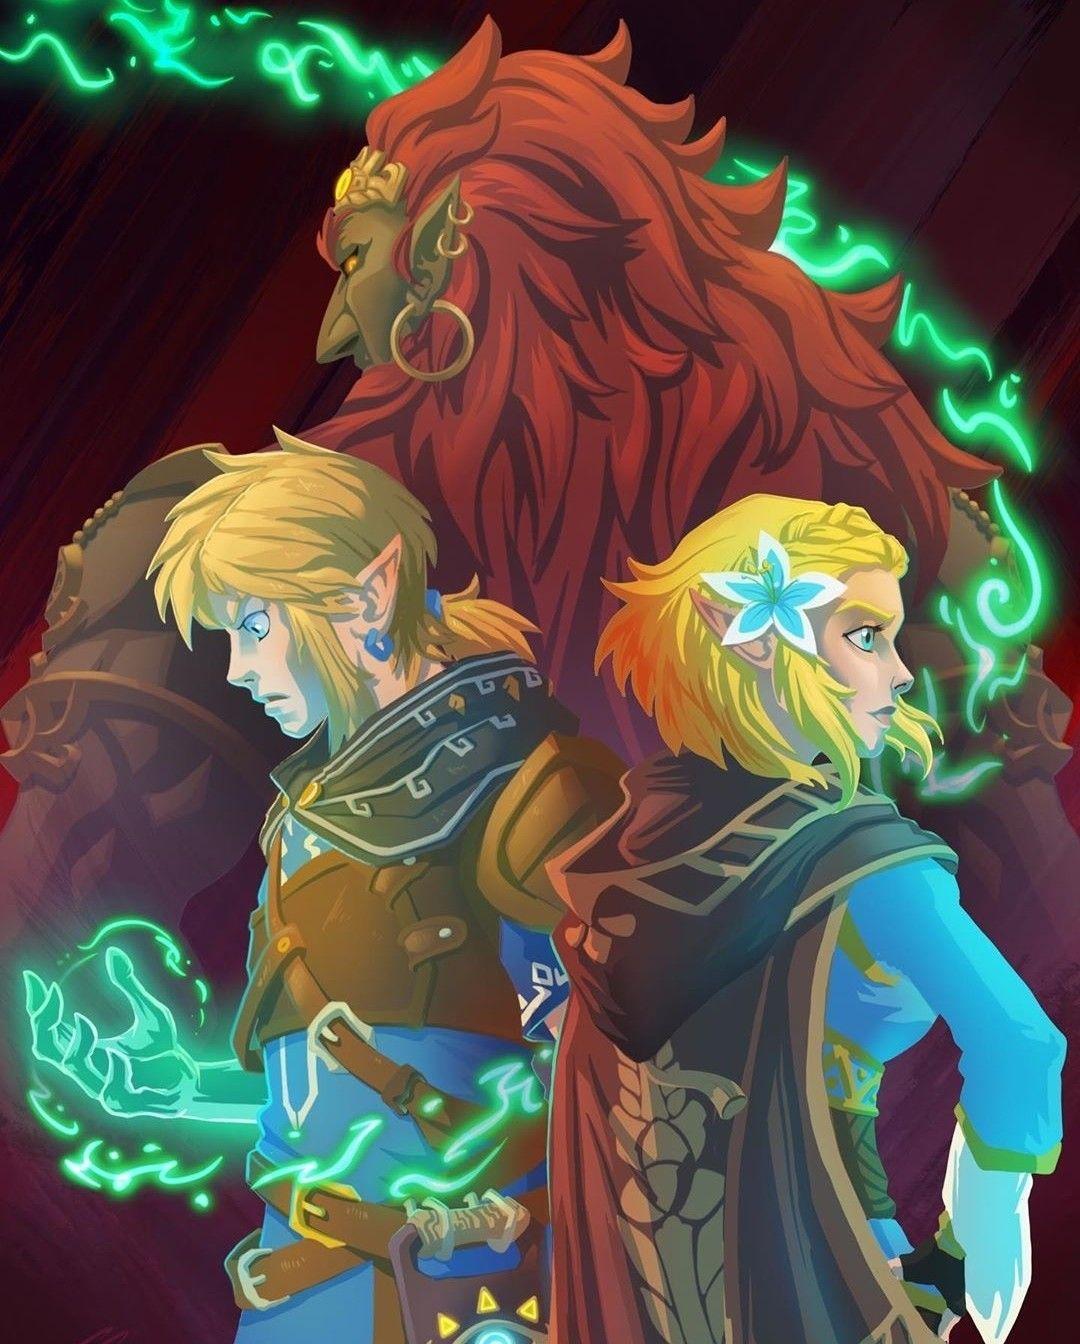 Legend Of Zelda Botw Sequel Inspired Art Link Princess Zelda Ganondorf Jjnicolart Legend Of Zelda Breath Of The Wild 2 Legend Of Zelda Breath